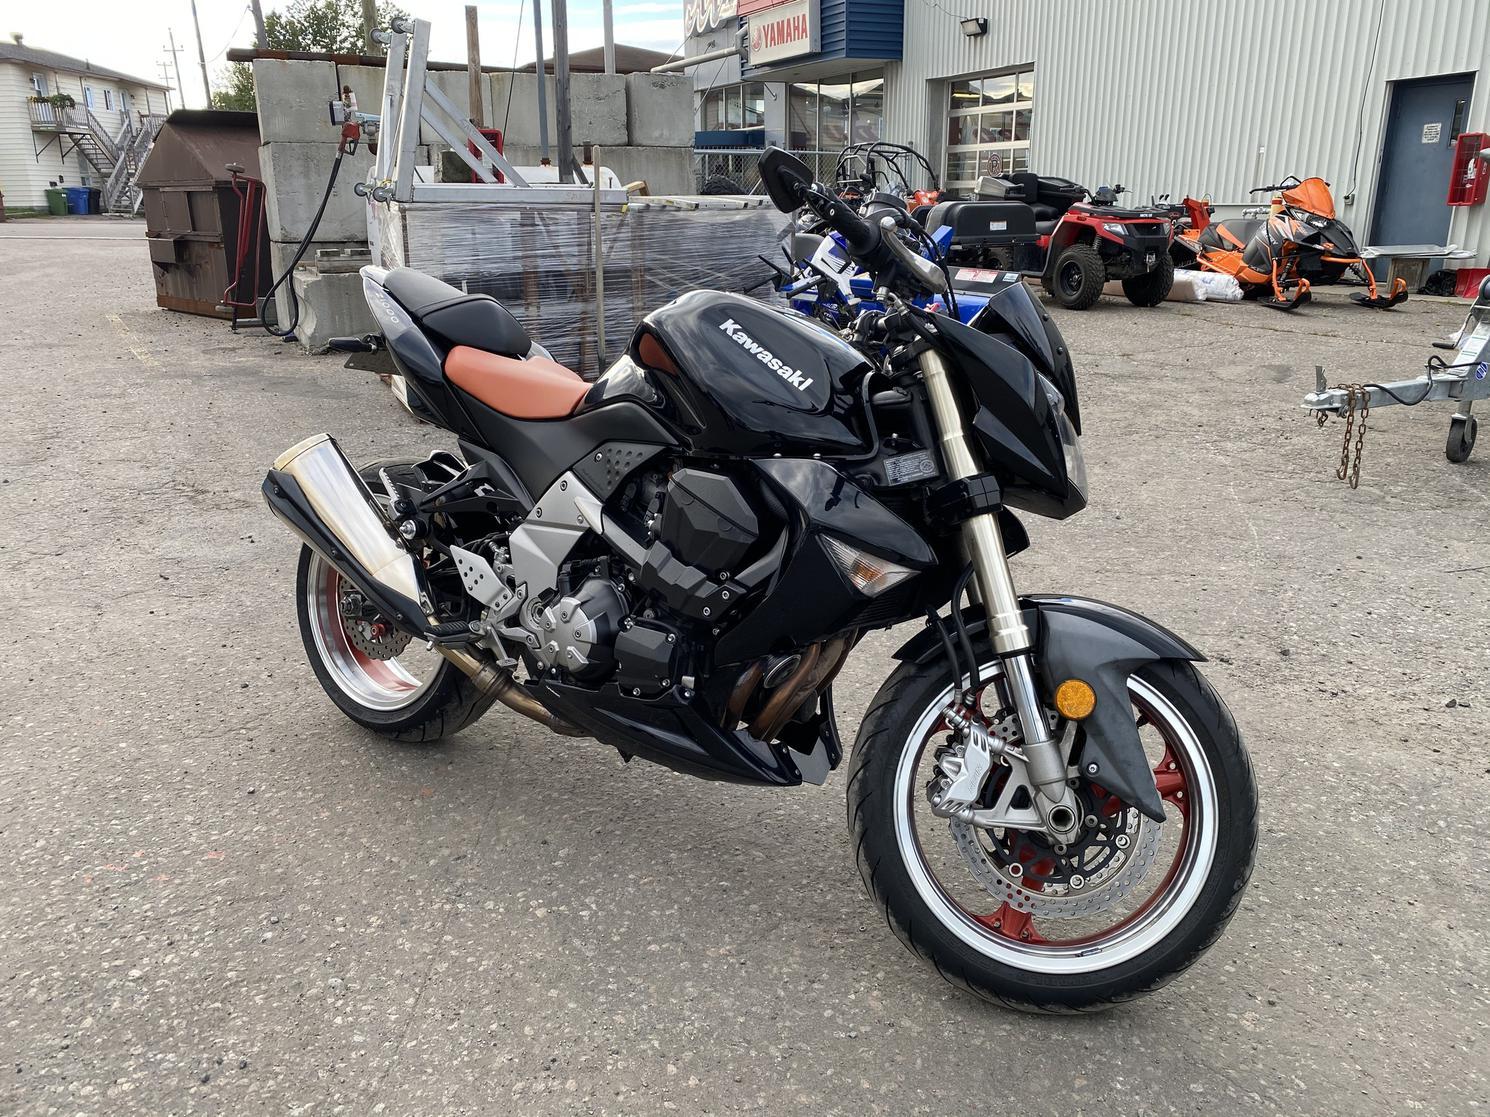 2007 Kawasaki Z 1000 1000